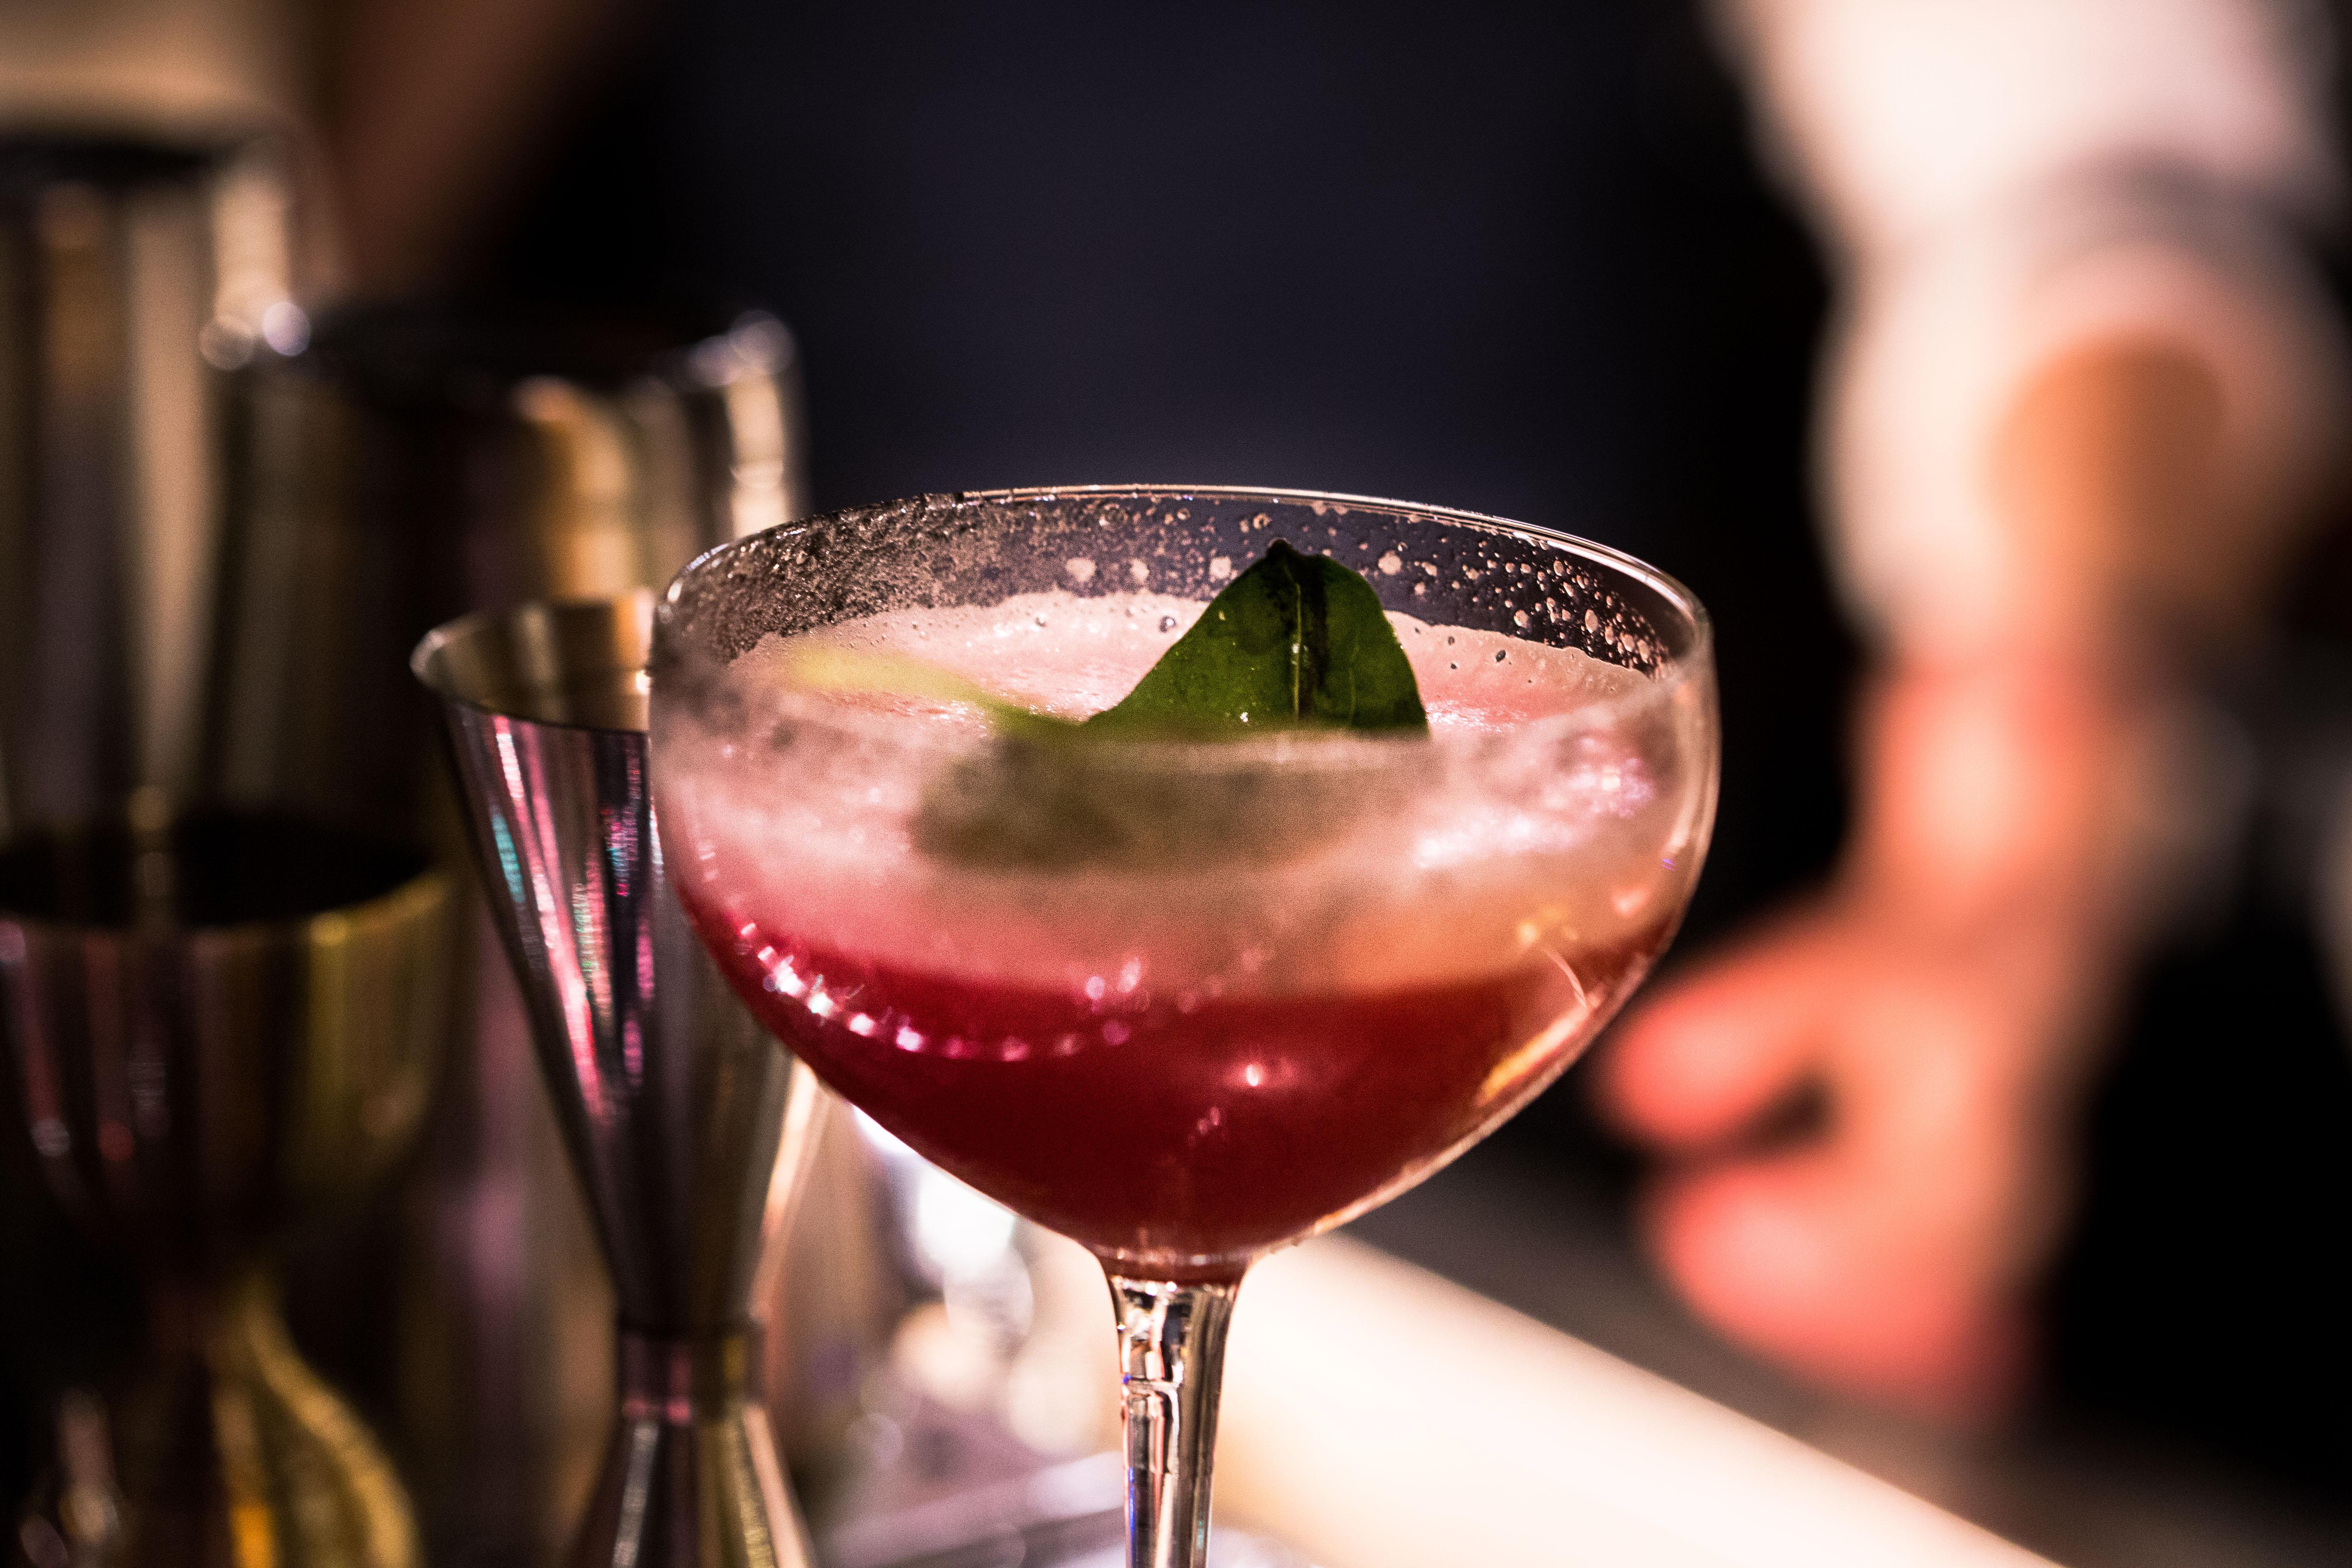 cocktail-fannygaudin-5109